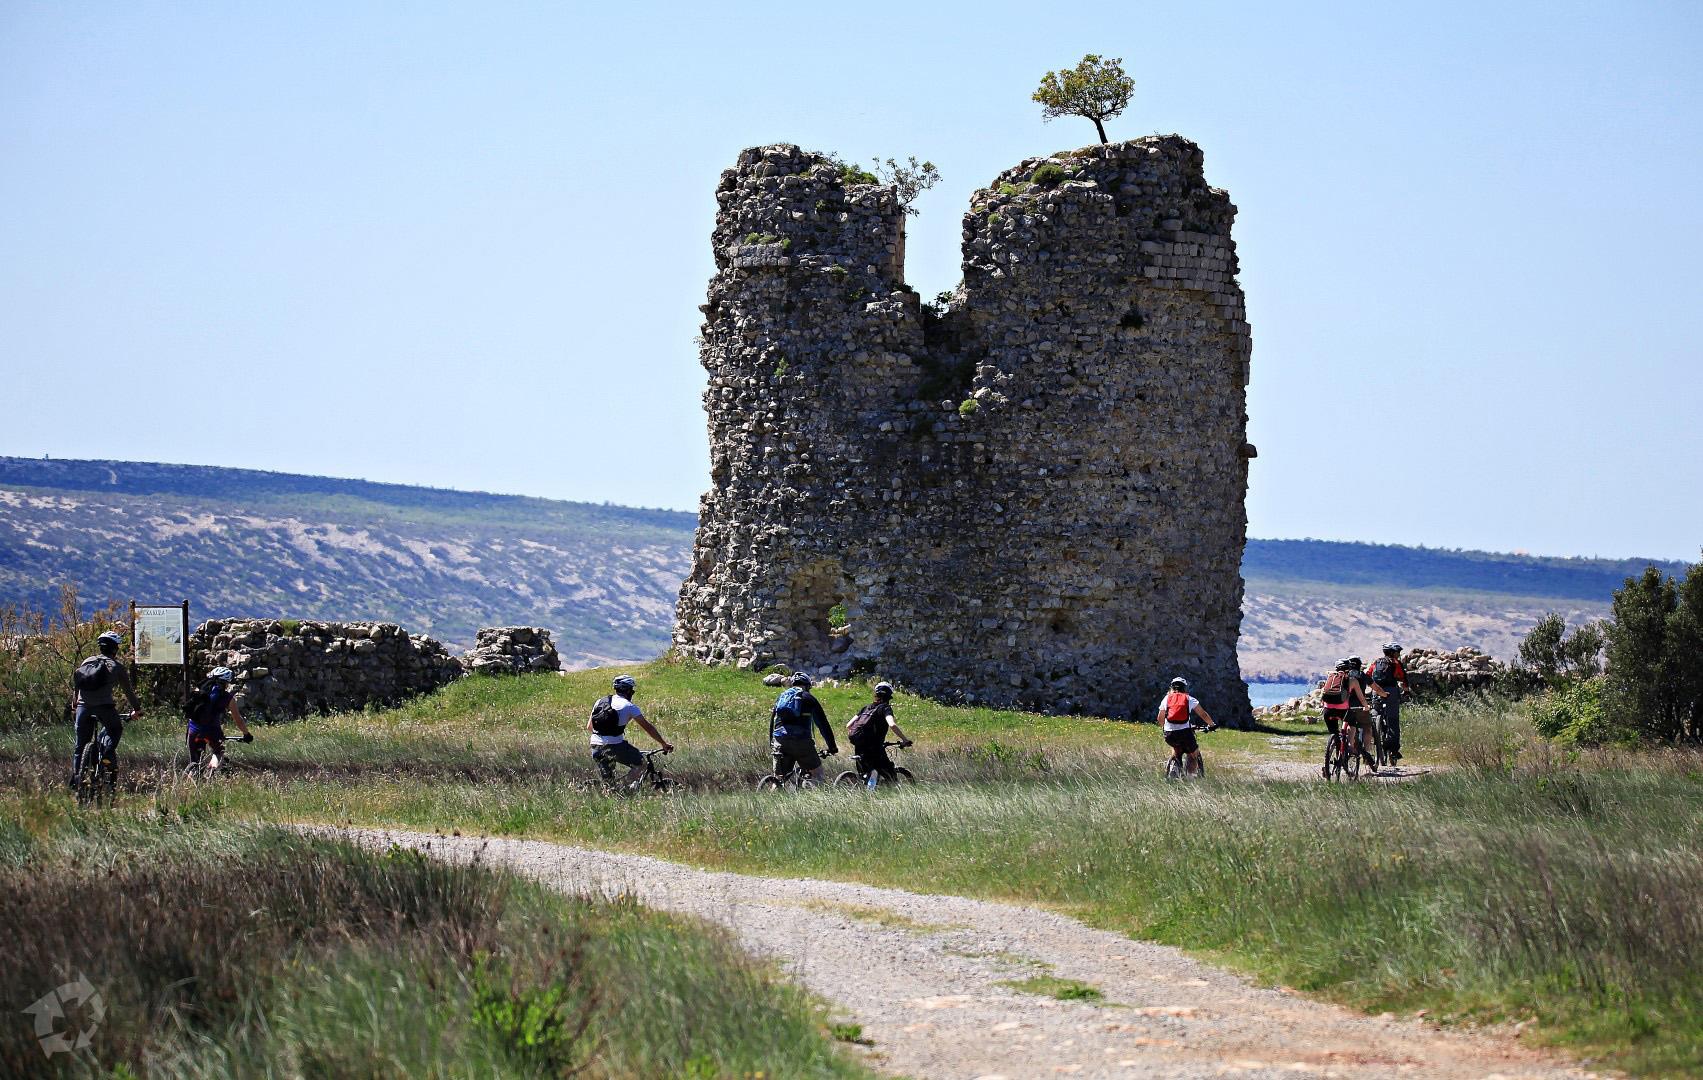 Old stone tower on a pebble beach by the sea - Večka kula